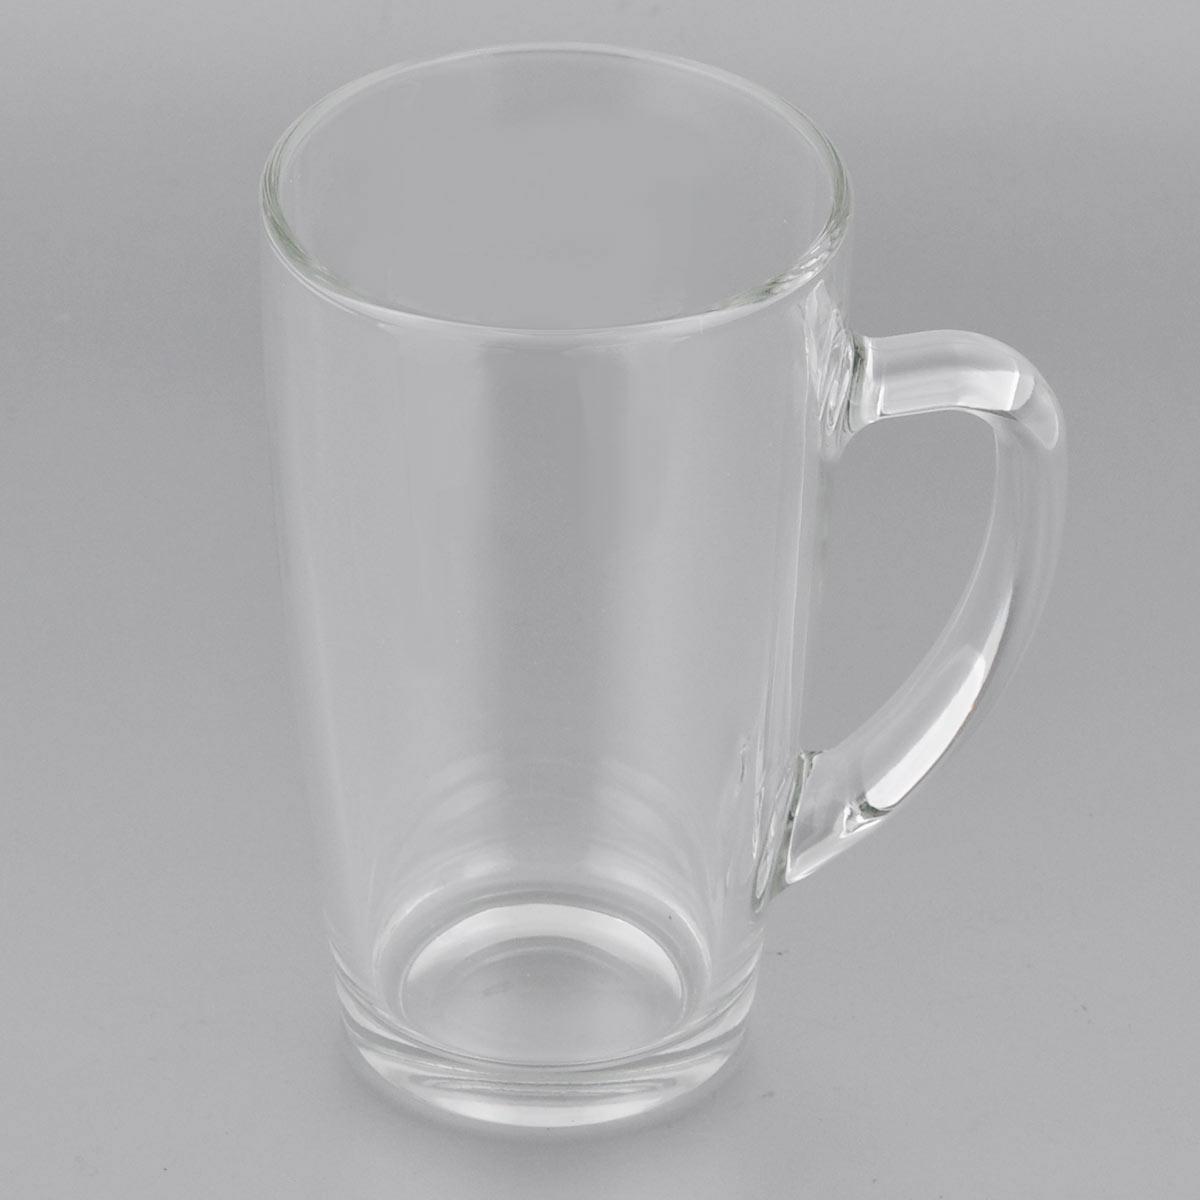 Кружка Luminarc С добрым утром, цвет: прозрачный, 400 мл391602Кружка Luminarc С добрым утром изготовлена из упрочнённого стекла. Такая кружка прекрасно подойдет для горячих (выдерживает температуру от 0°С до 110°С) и холодных напитков. Она дополнит коллекцию вашей кухонной посуды и будет служить долгие годы. Можно использовать в посудомоечной машине и СВЧ. Объем кружки: 400 мл. Диаметр кружки (по верхнему краю): 8 см. Высота стенки кружки: 13 см.